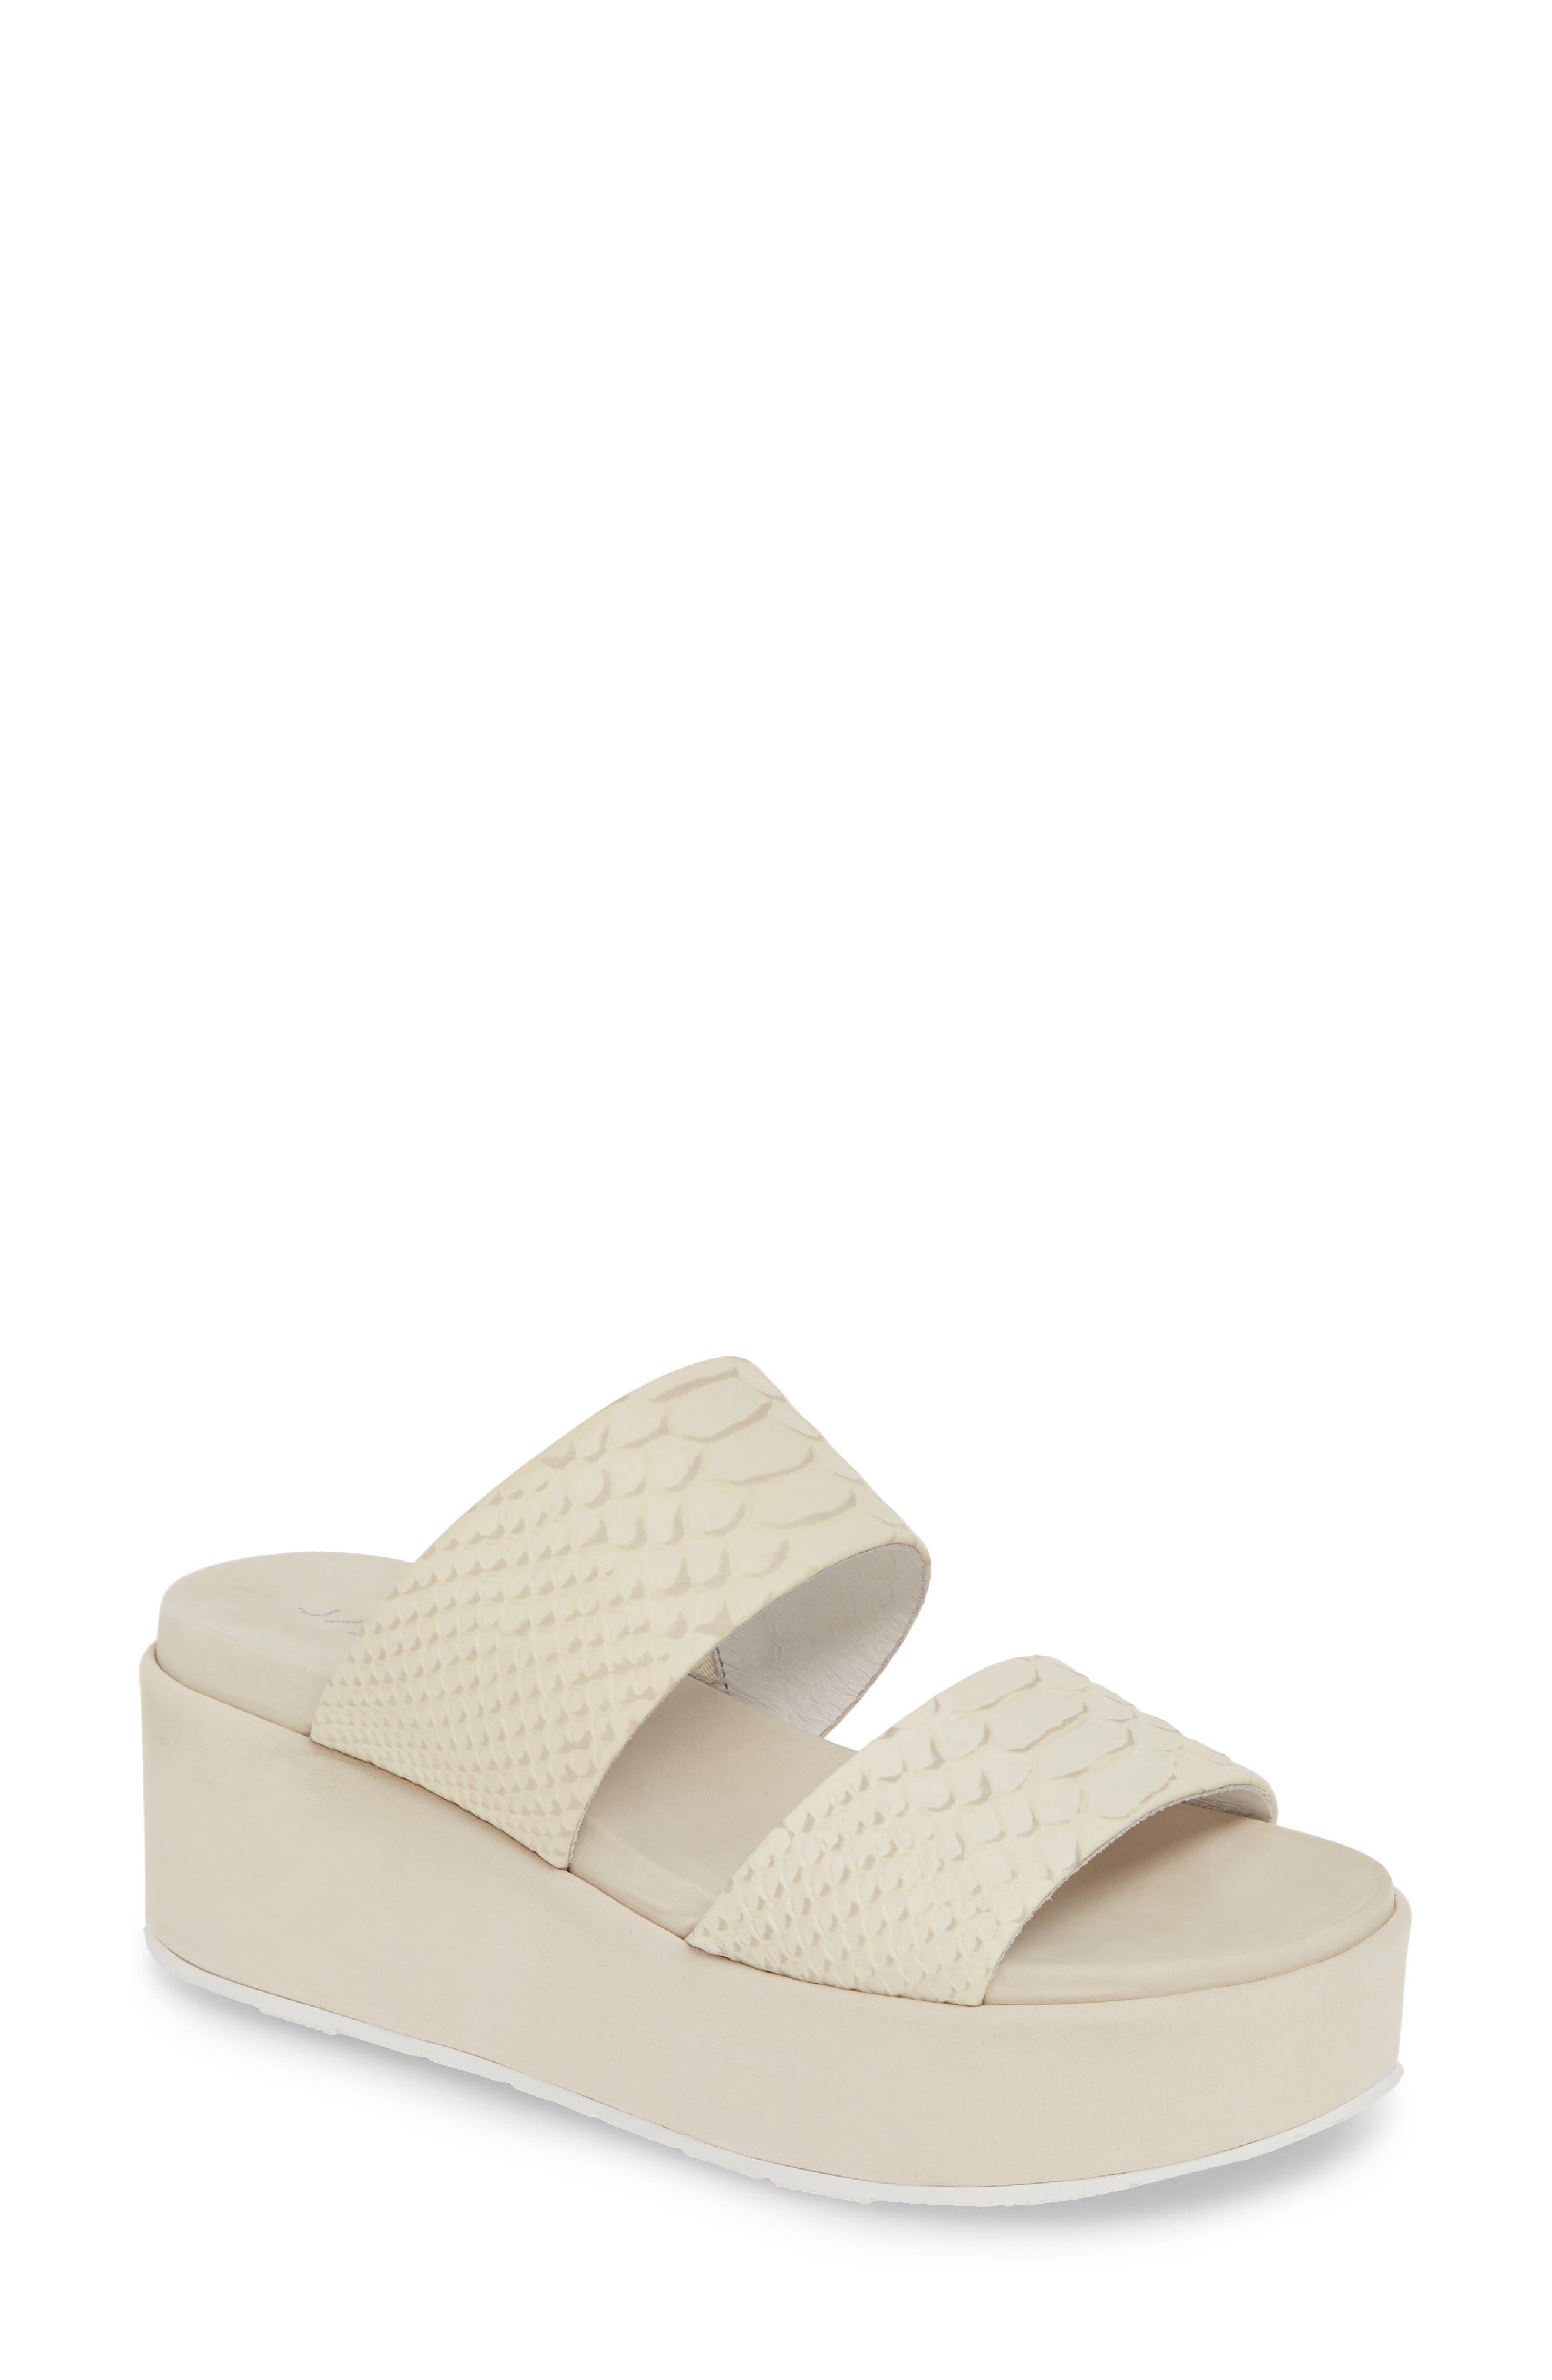 Jslides Quincy Wedge Platform Sandal- White